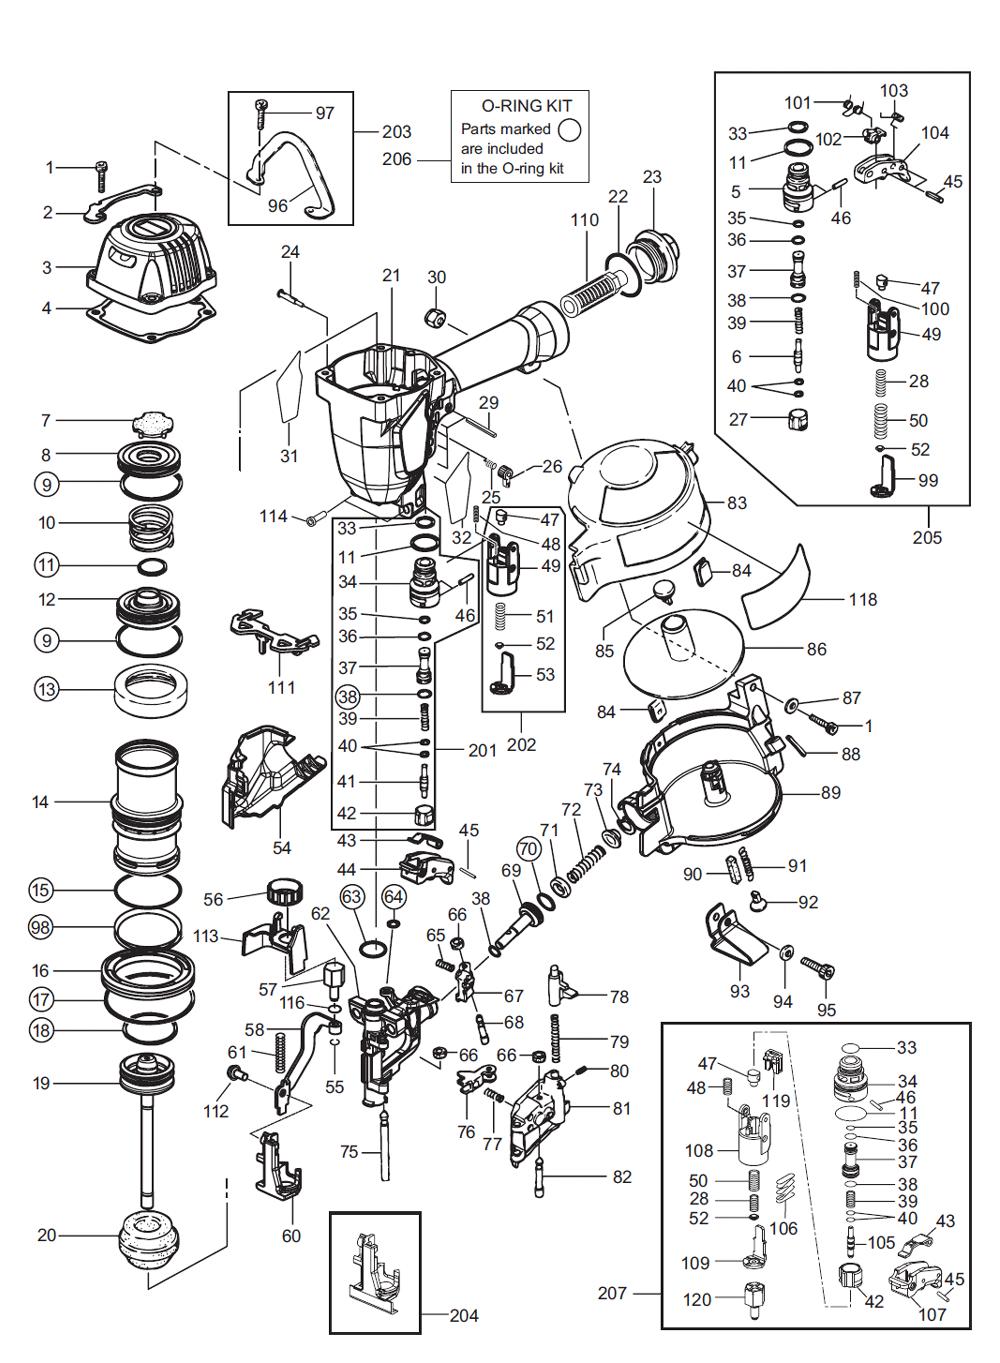 Max Cn445r2 Parts List